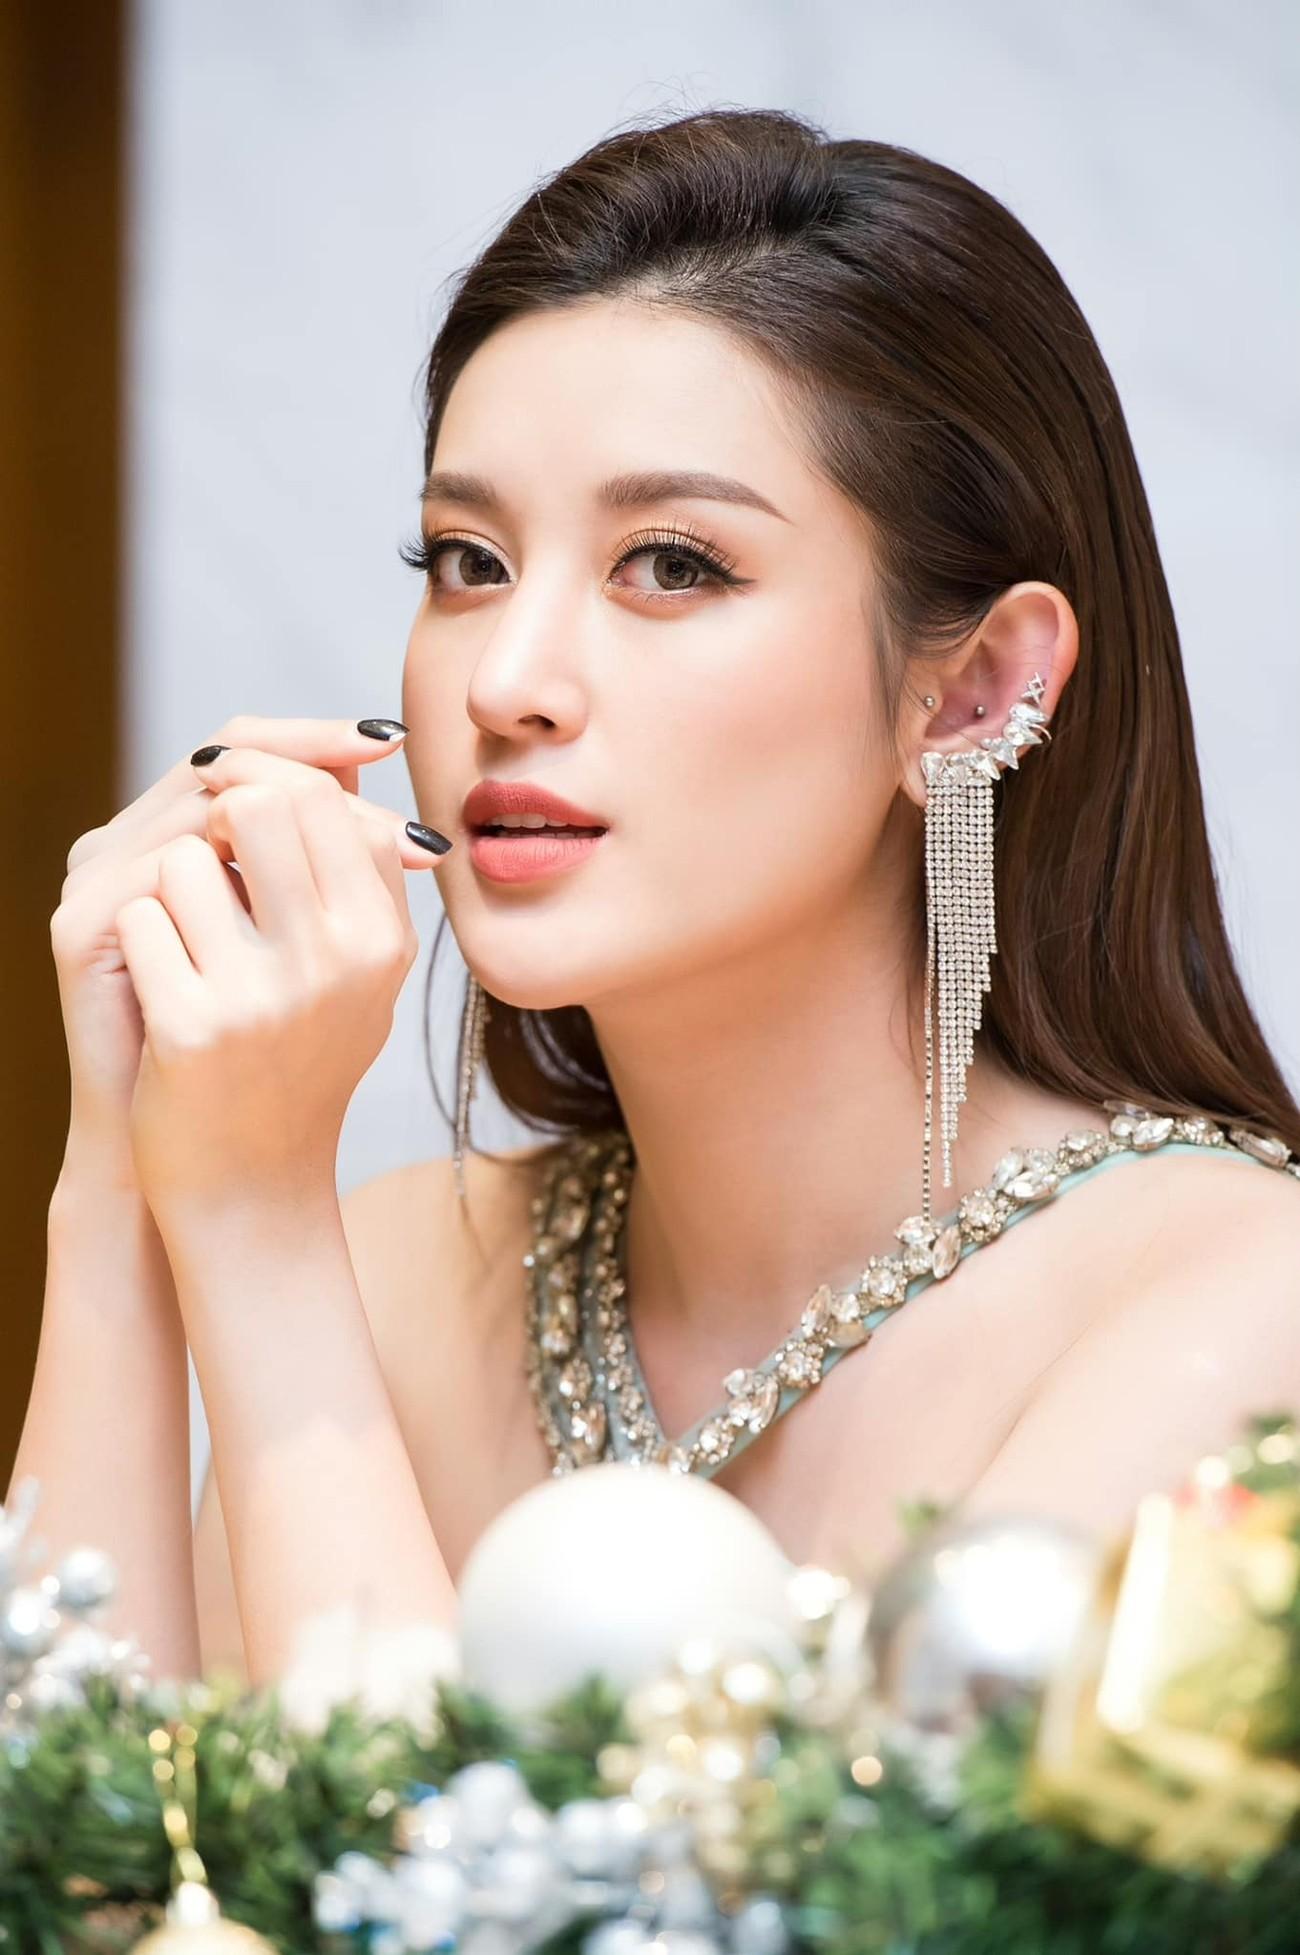 Dàn Hoa hậu, Á hậu chia sẻ cảm xúc đặc biệt trước khi chia tay năm 2020 đầy biến động ảnh 2